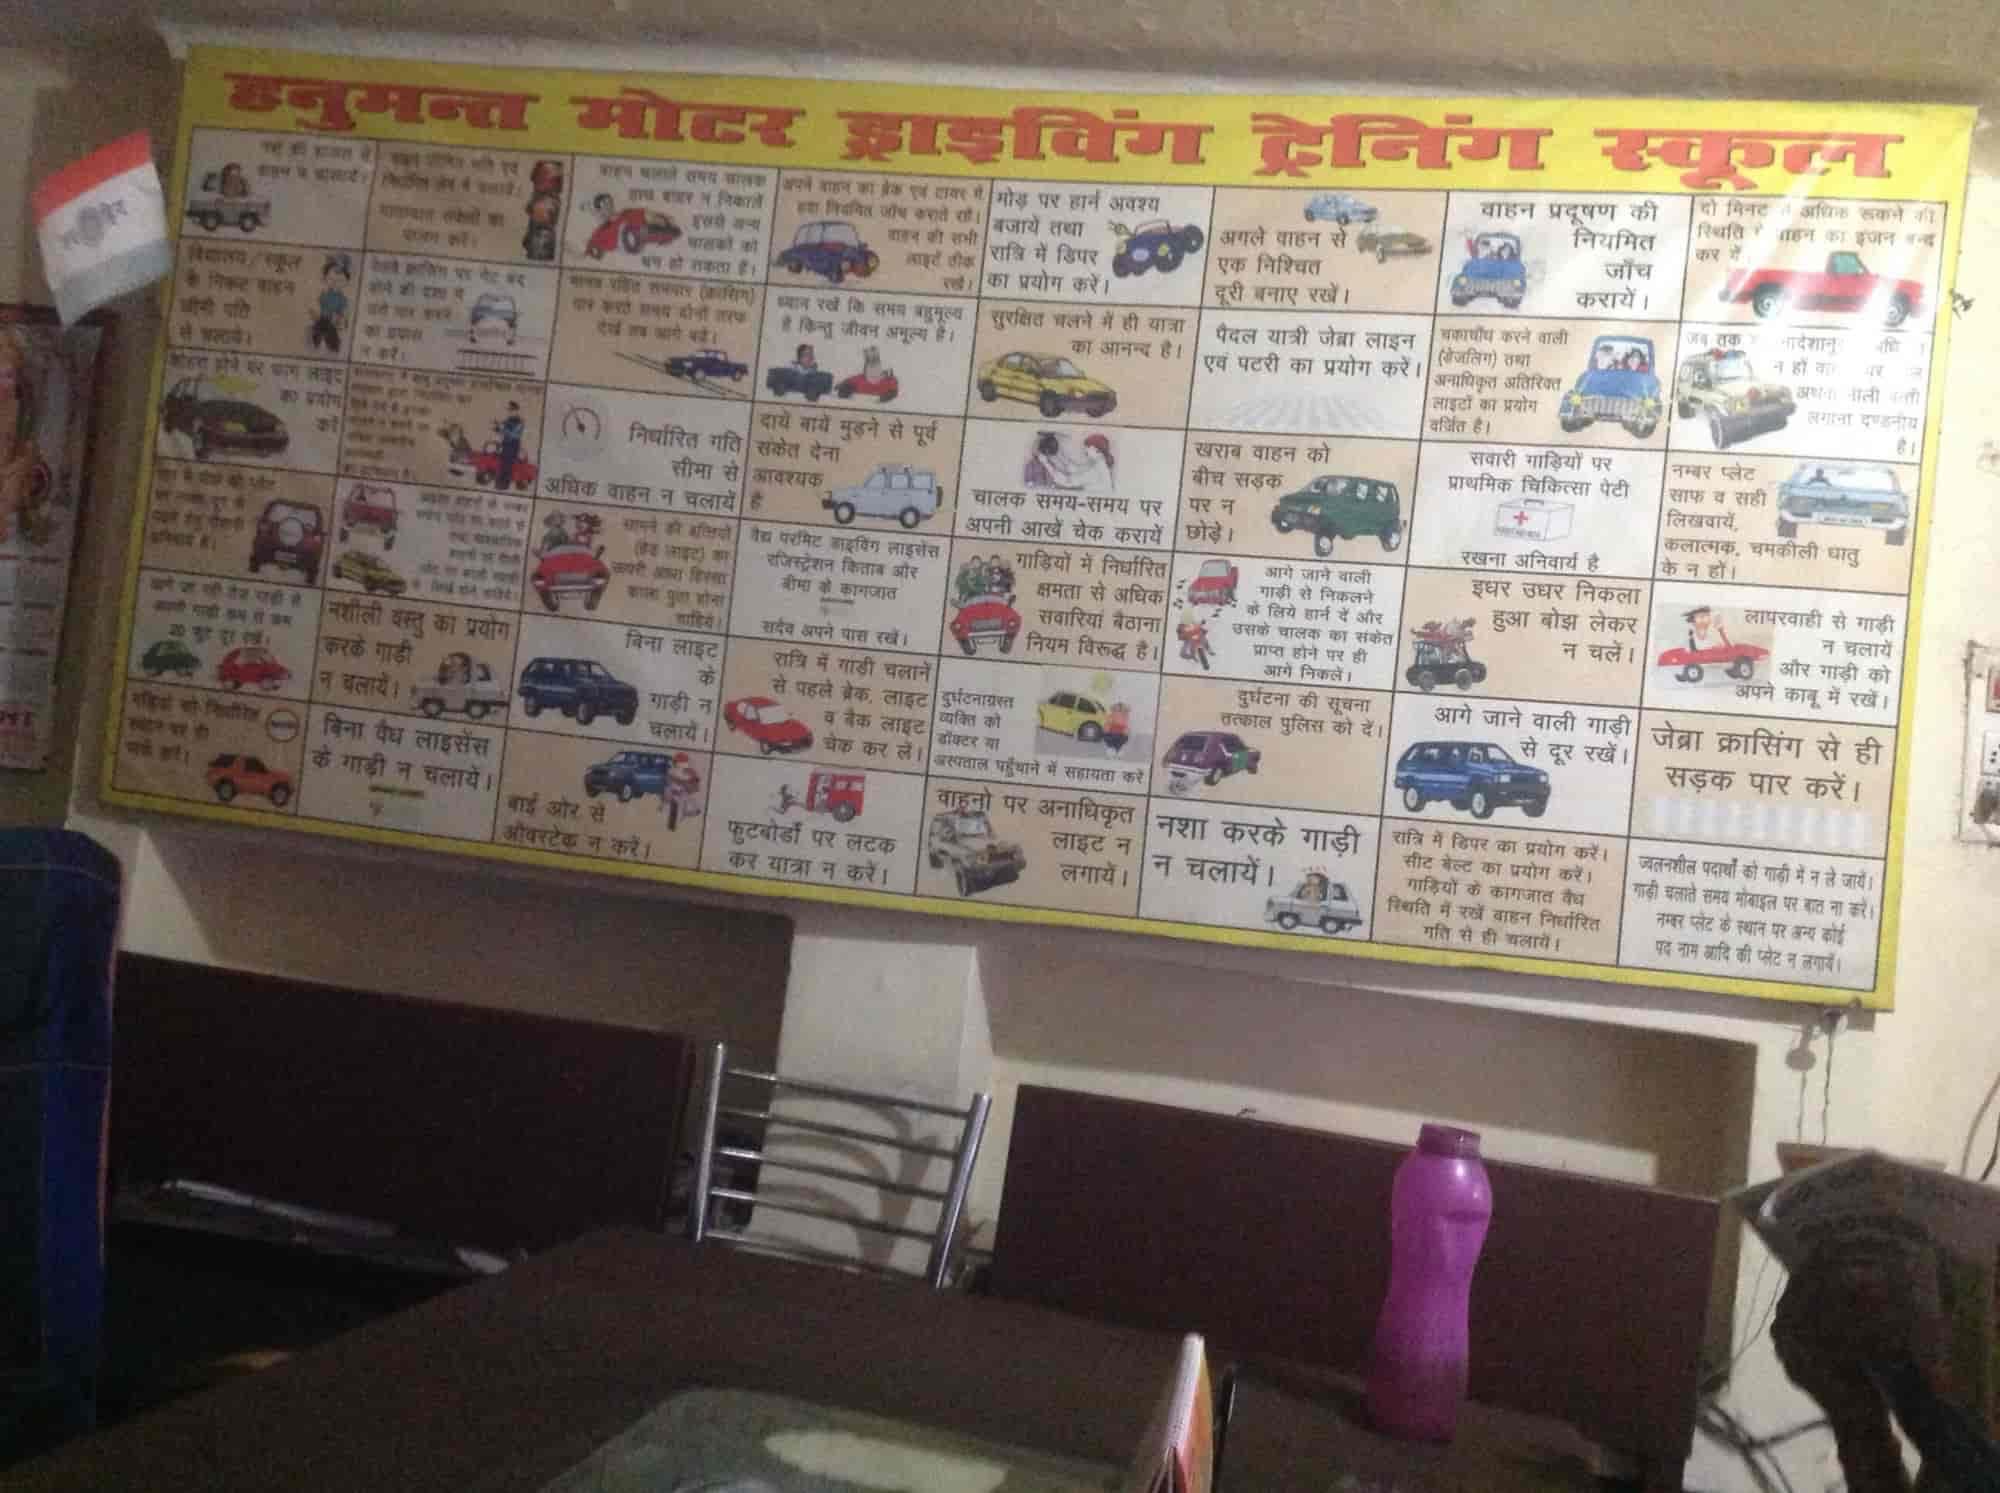 Hanumant Motor Driving School, Transport Nagar - Motor